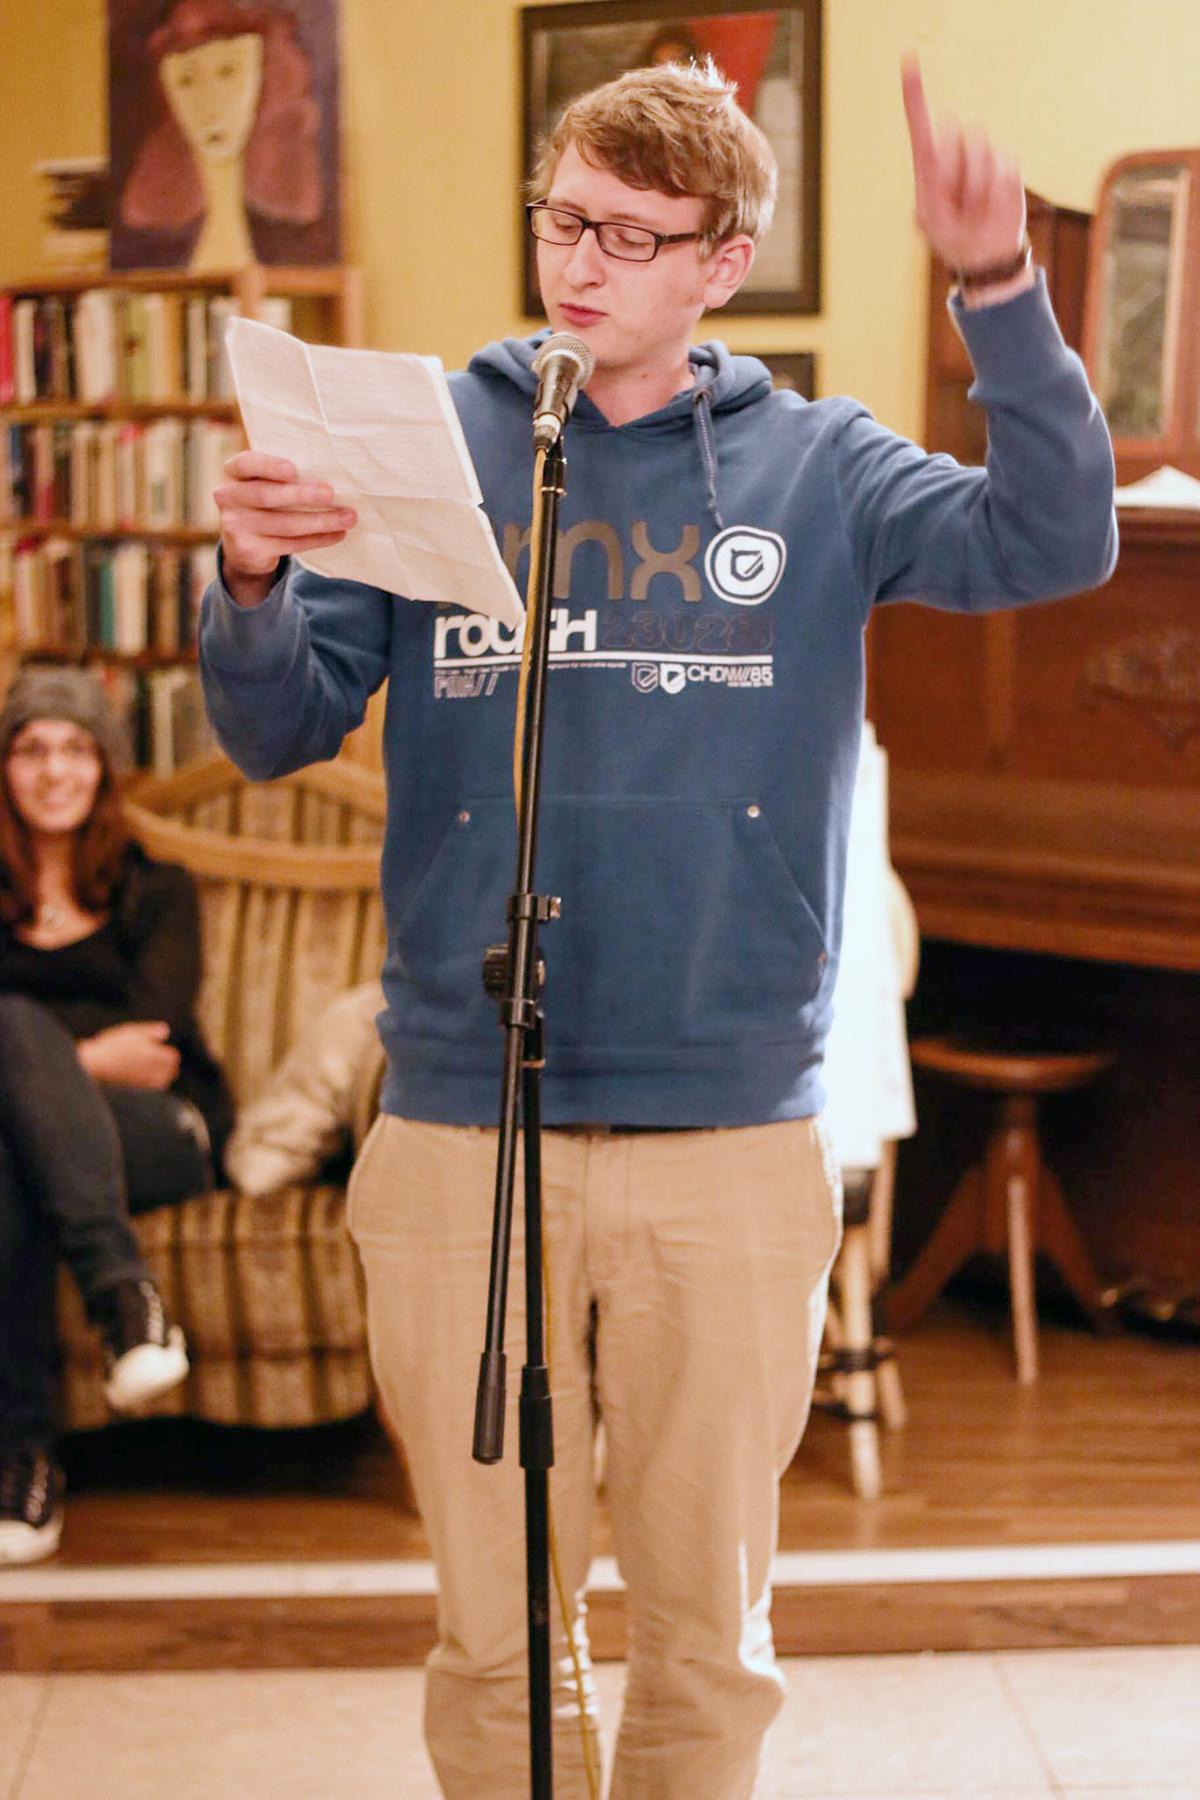 Von Buchstabensalat zu wortgewandter Poesie ist es ein weiter Weg. Doch den Umgang mit Worten kann man lernen. Foto: FotoWikinger, Tobias Hartmann